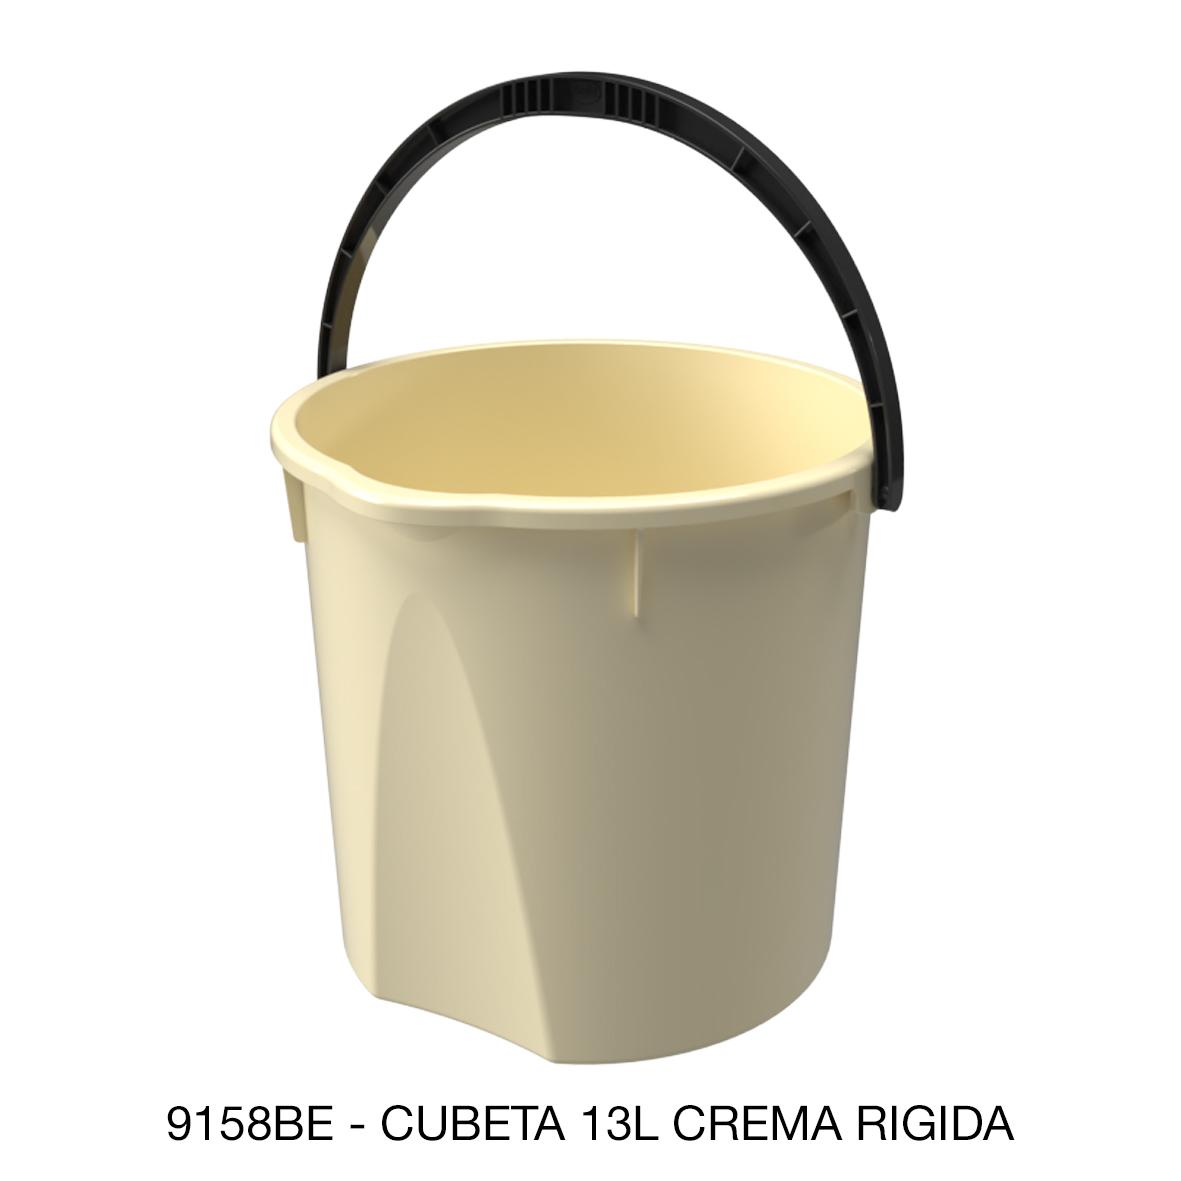 Cubeta rígida de 13 litros color crema modelo 9158BE de Sablón